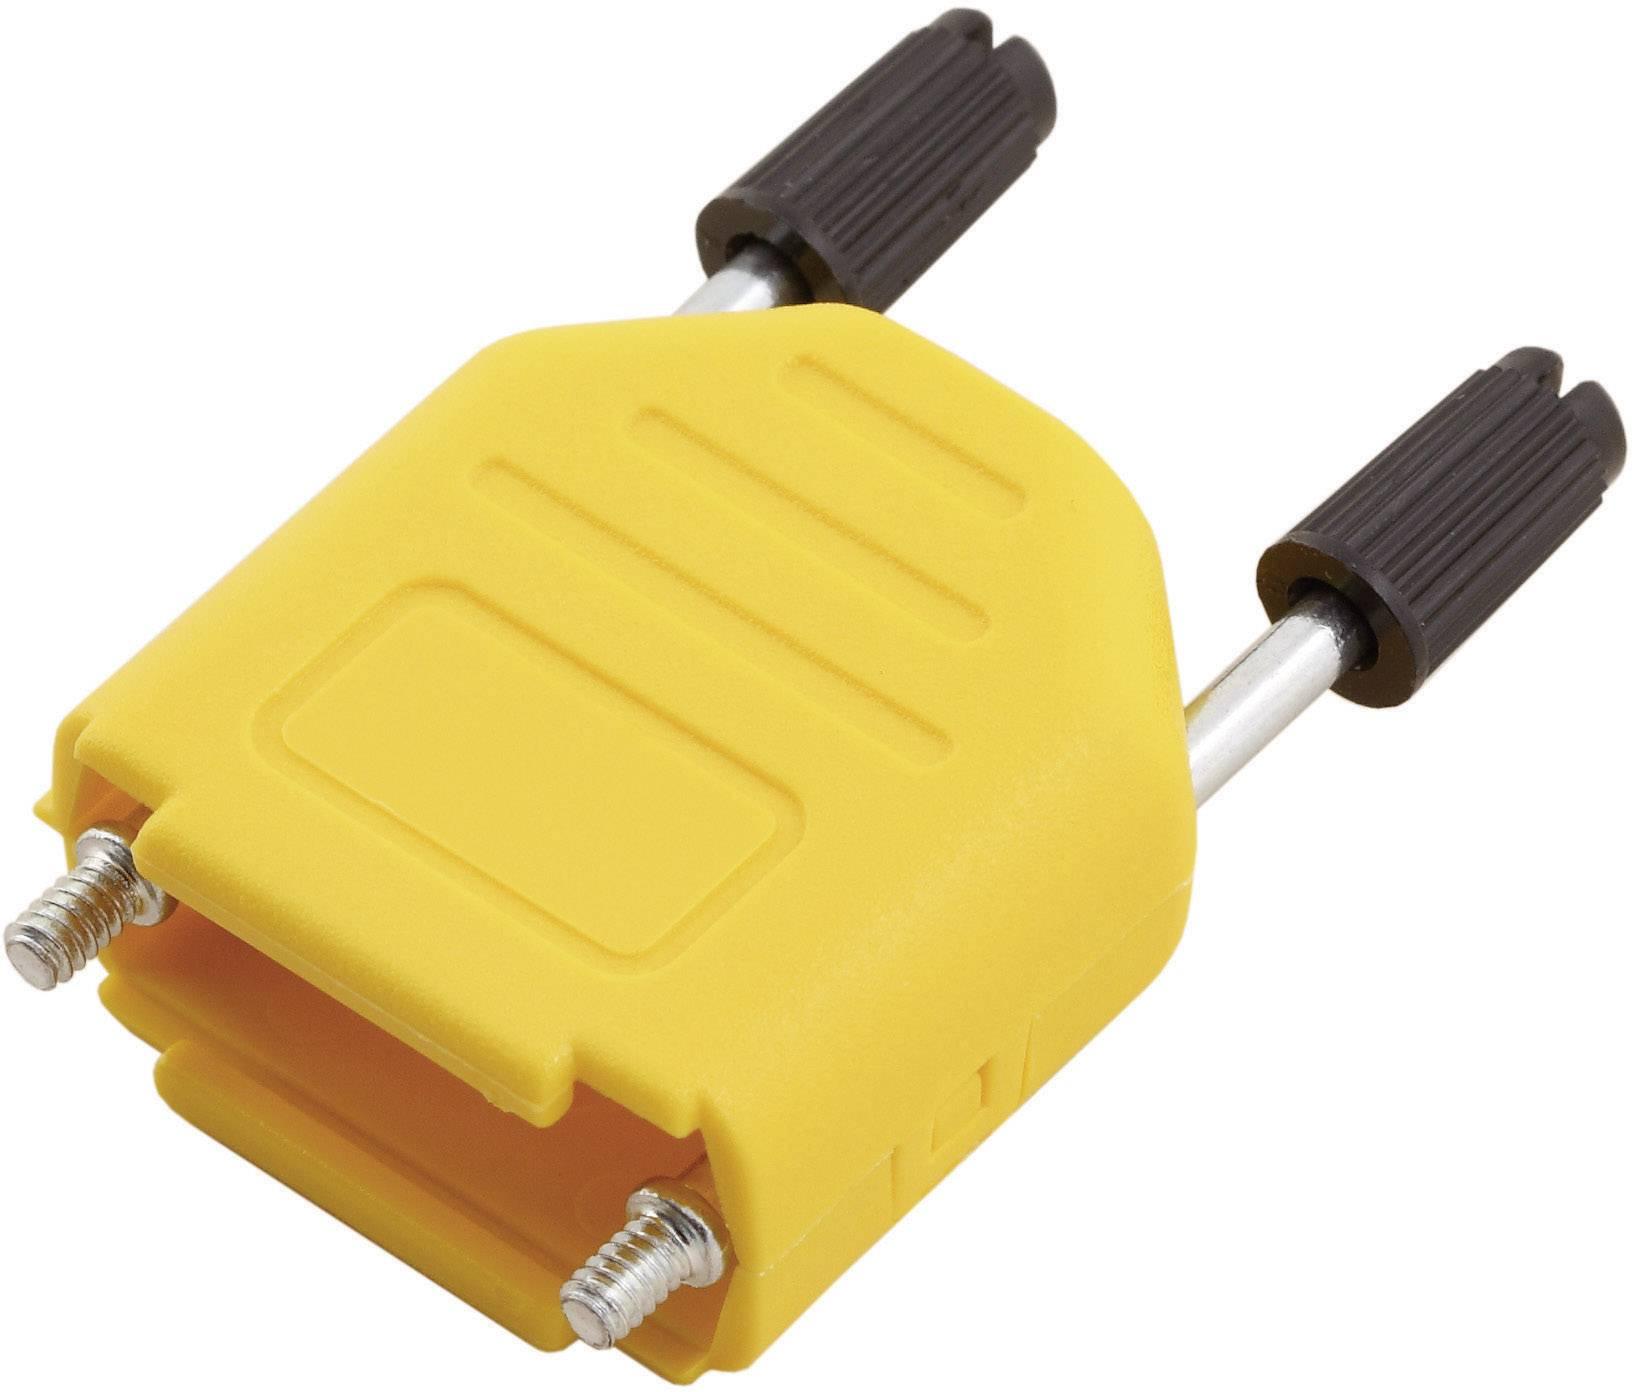 D-SUB pouzdro MH Connectors MHDPPK37-Y-K, Pólů: 37, plast, 180 °, žlutá, 1 ks